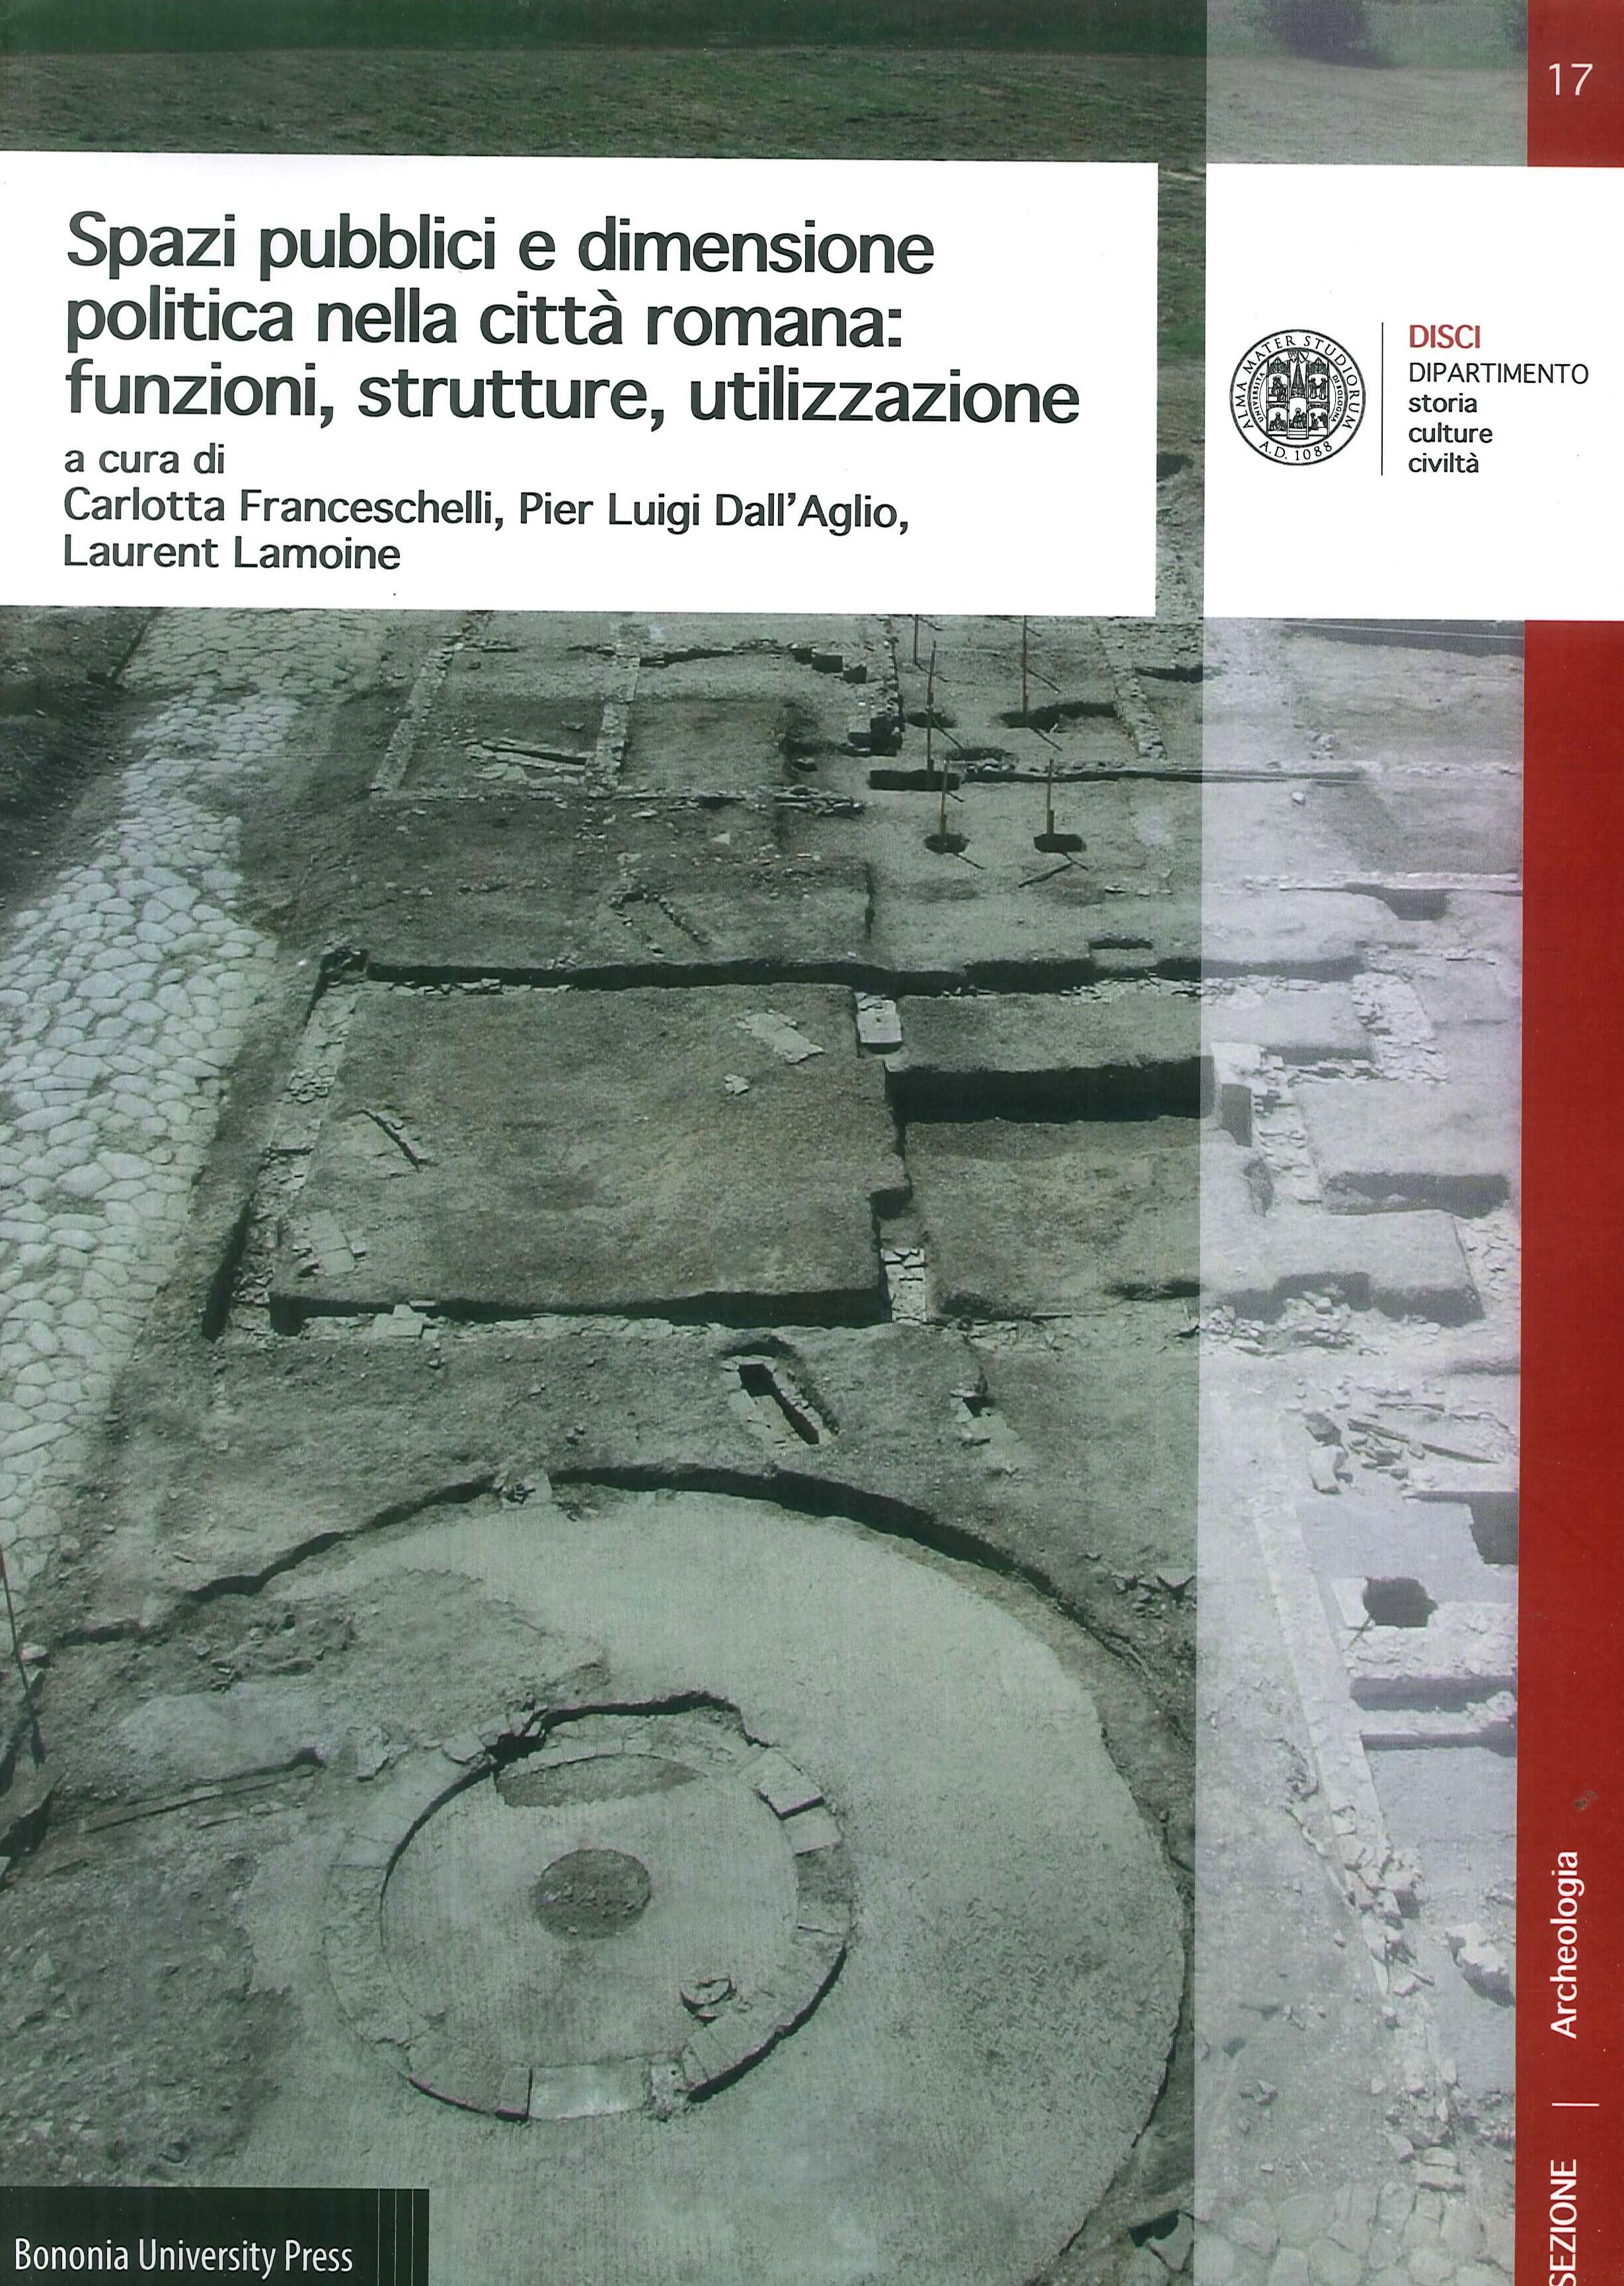 Spazi pubblici e dimensione politica nella città romana: funzioni, strutture, utilizzazione